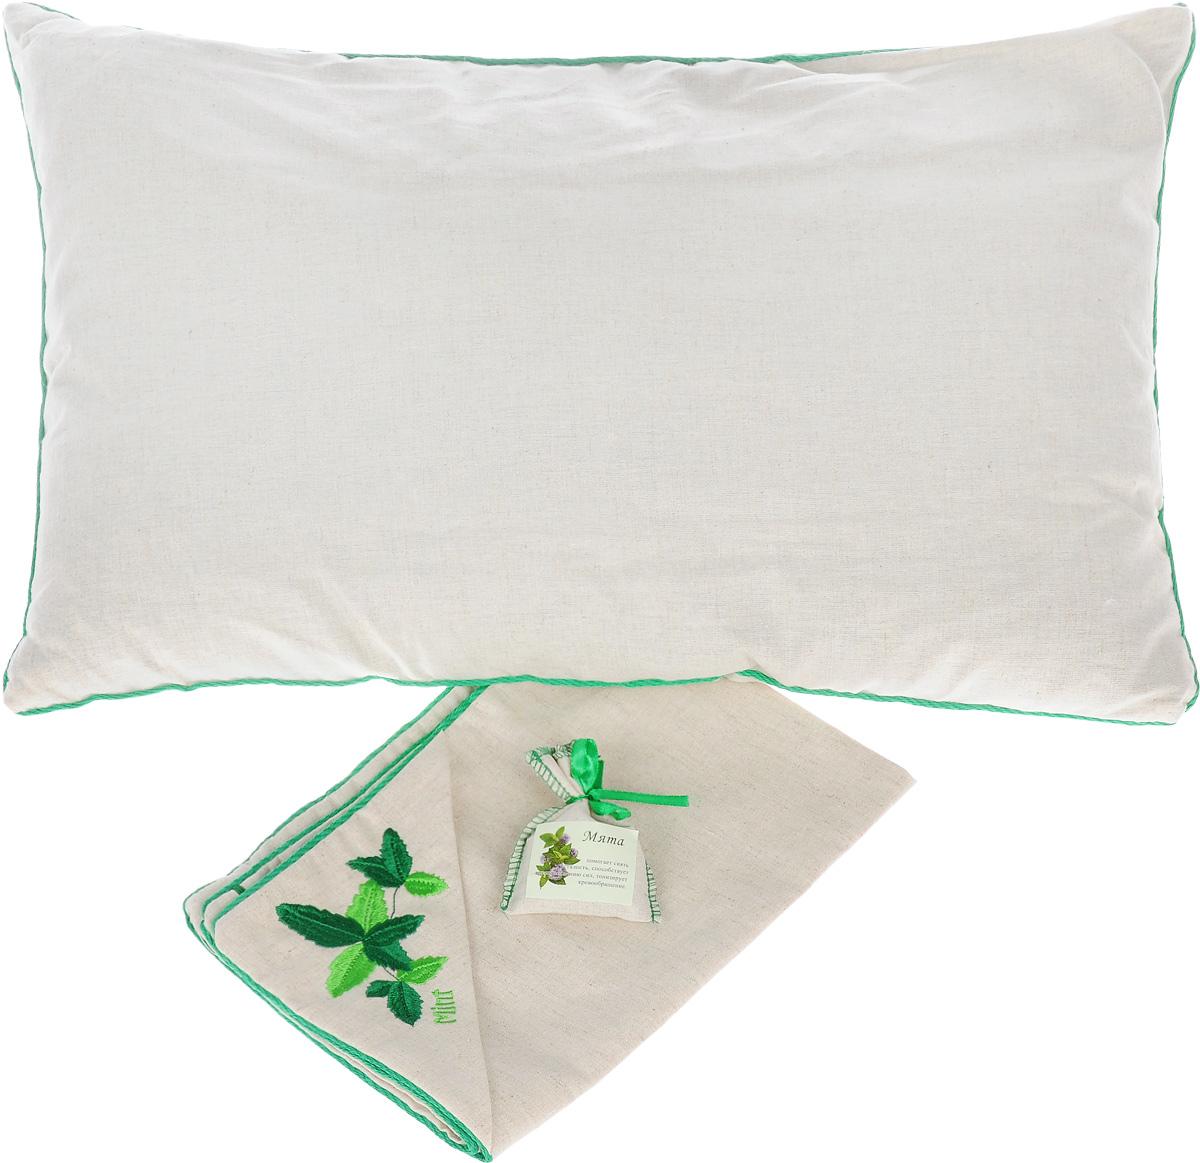 Подушка Smart Textile Традиция здоровья, с наволочкой, с мешочком мяты, 40 х 60 смЕ908Подушка Smart Textile Традиция здоровья - идеальный подарок для любимого человека. Чехол и наволочка выполнены изо 100% льна, наволочка оформлена оригинальной вышивкой в виде мяты, окантована и застегивается на аккуратную молнию-застежку. В комплект входит миниатюрный льняной мешочек с мятой на атласной завязке-ленте. Тонкий аромат мяты принесет нотки природы в вашу спальню. Такой аромат был выбран не случайно. Во сне мы проводим значительную часть нашей жизни и именно от качества сна будет зависеть наше самочувствие и продуктивность нового дня. Поэтому особенно важно выбрать для себя постельные принадлежности, чтобы они были не только удобными, но и полезными. Мята богата ментолом (содержится в листьях растения), который помогает снять усталость, головную боль, тонизирует кровообращение, обладает антисептическими свойствами, благотворно влияет на иммунную систему, снижая риск простудных и вирусных заболеваний. Не случаен и выбор...